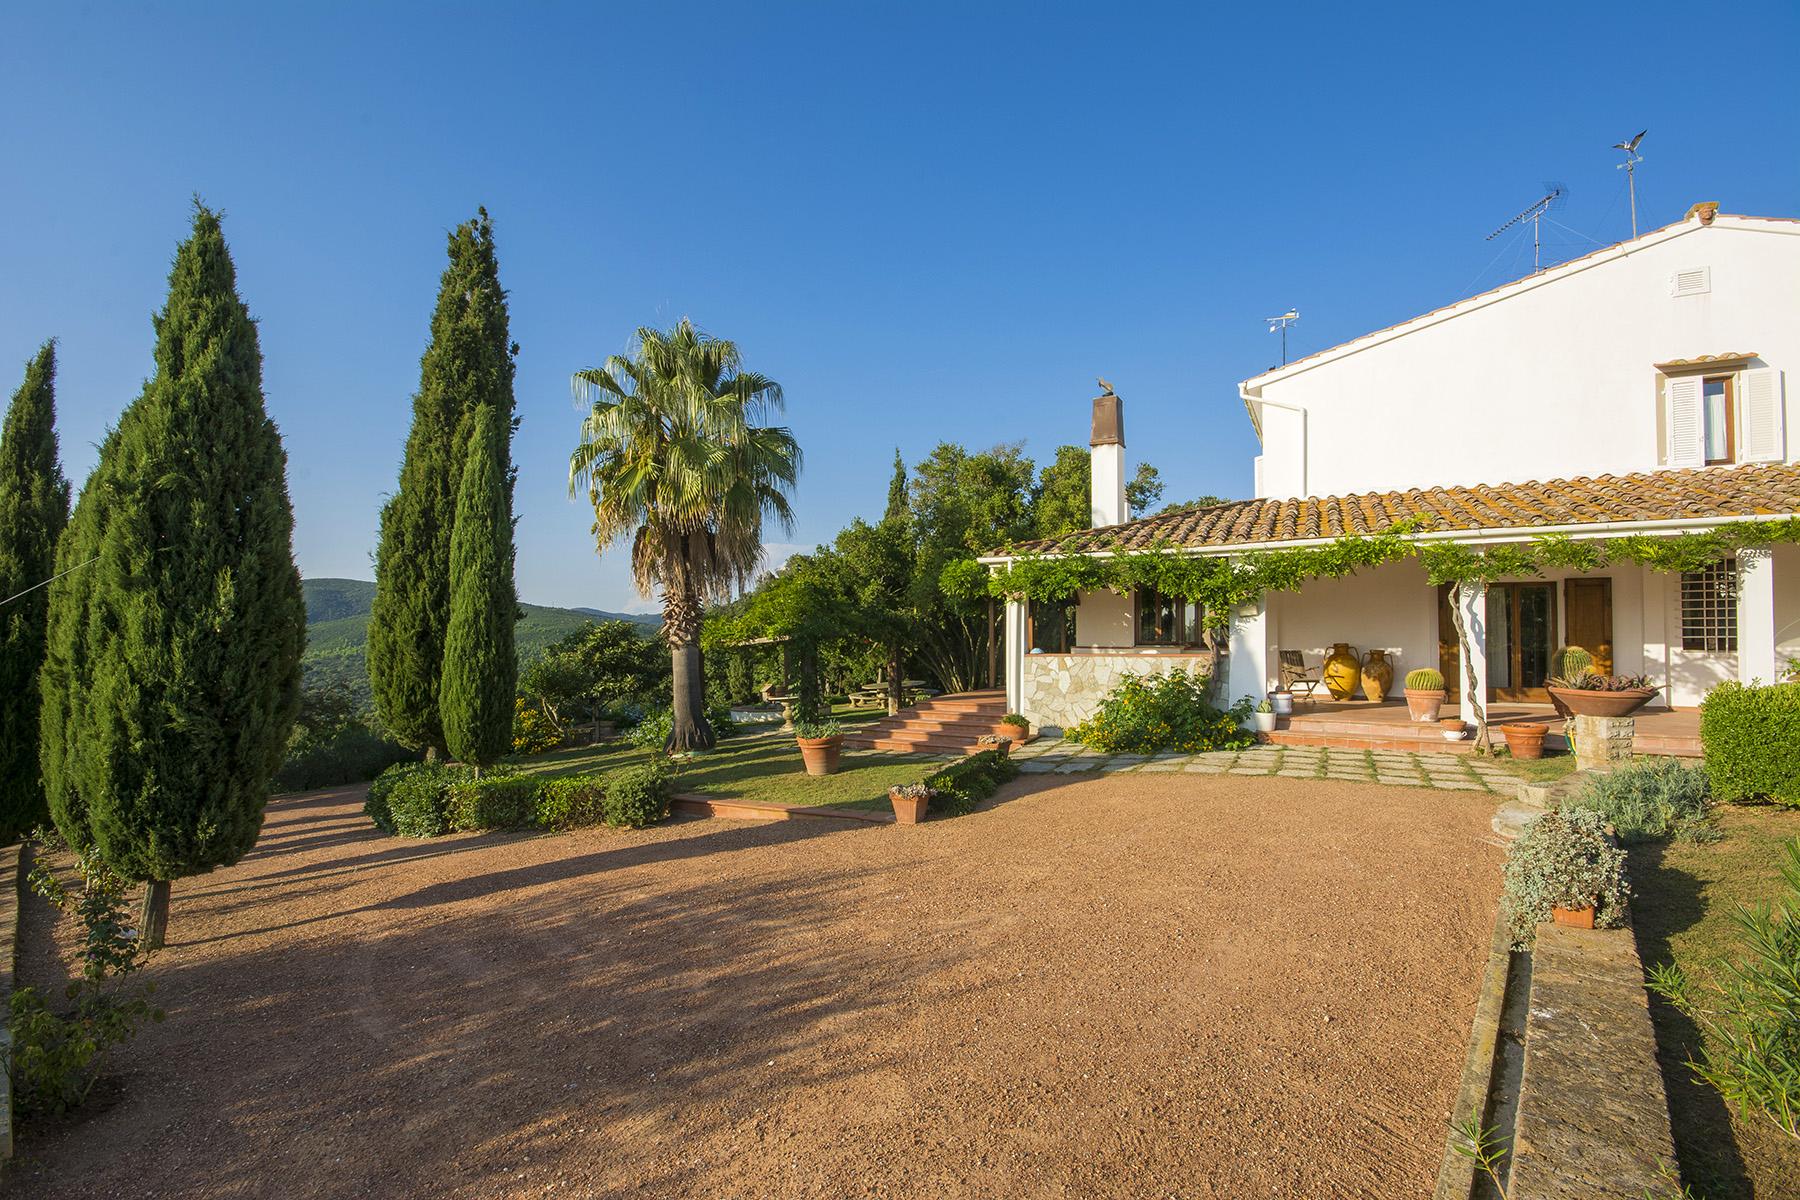 Villa in Vendita a Rosignano Marittimo: 5 locali, 450 mq - Foto 7